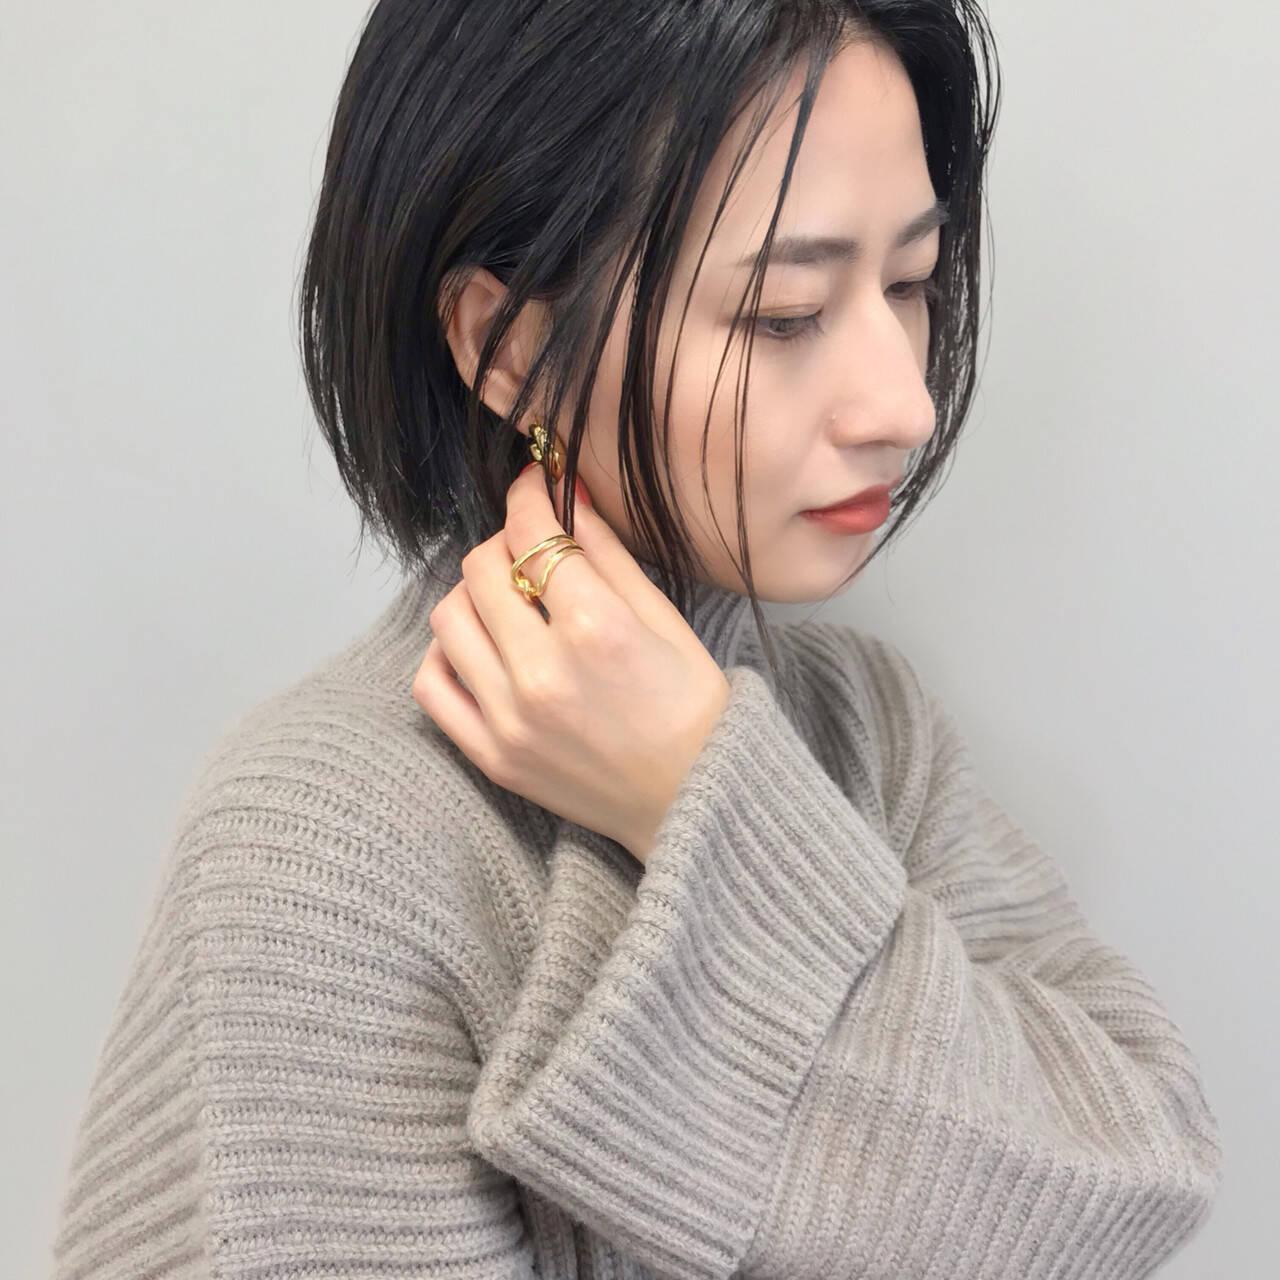 大人女子 福岡市 ボブ ヘアカラーヘアスタイルや髪型の写真・画像